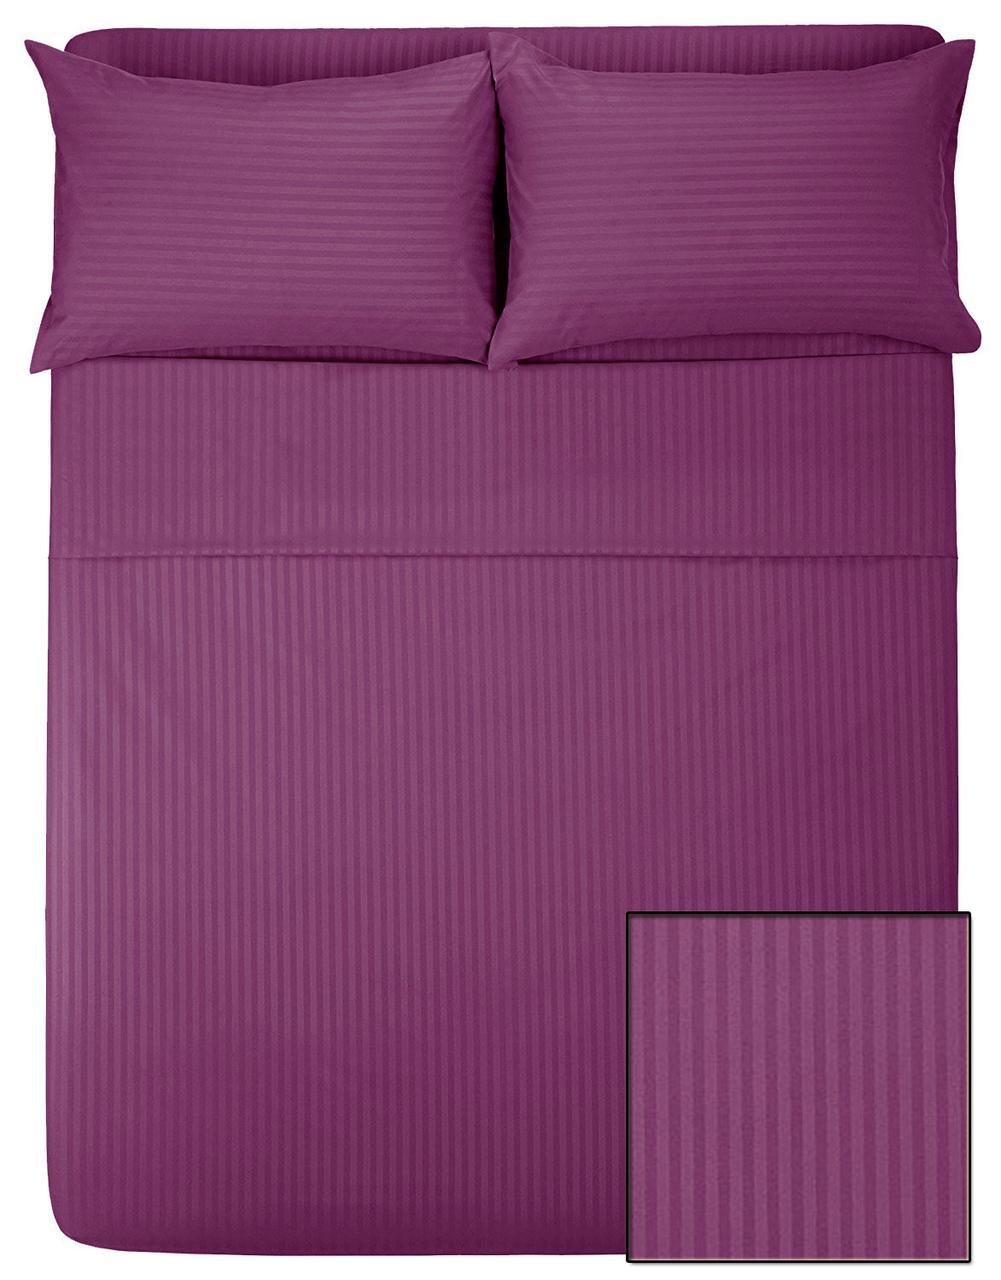 Комплект постельного белья САТИН-СТРАЙП (баклажан, 100% хлопок)